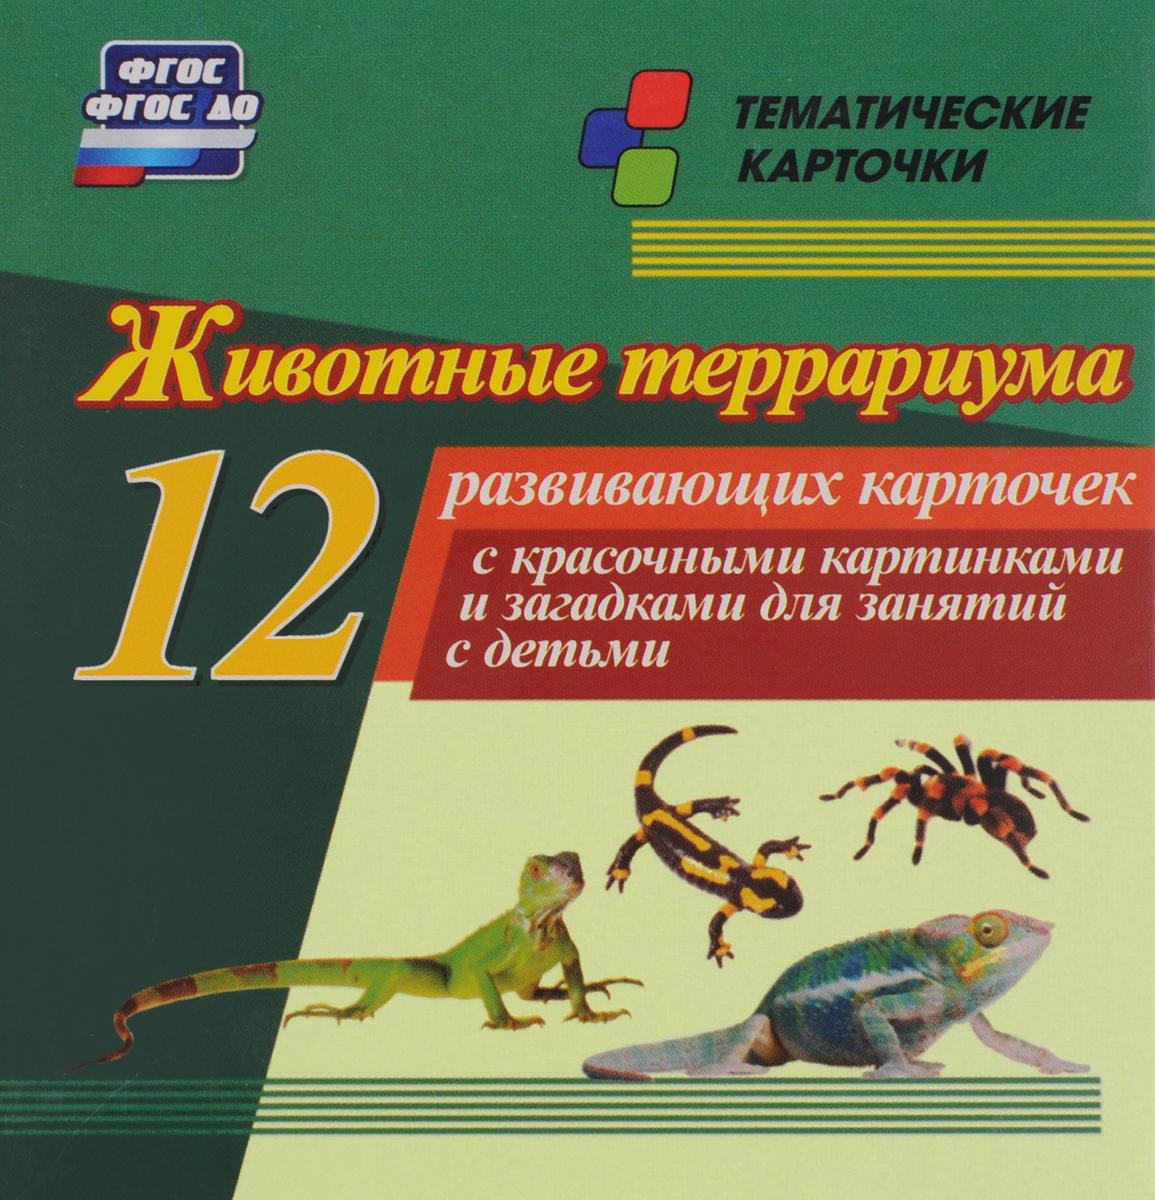 Животные террариума (12 развивающих карточек)